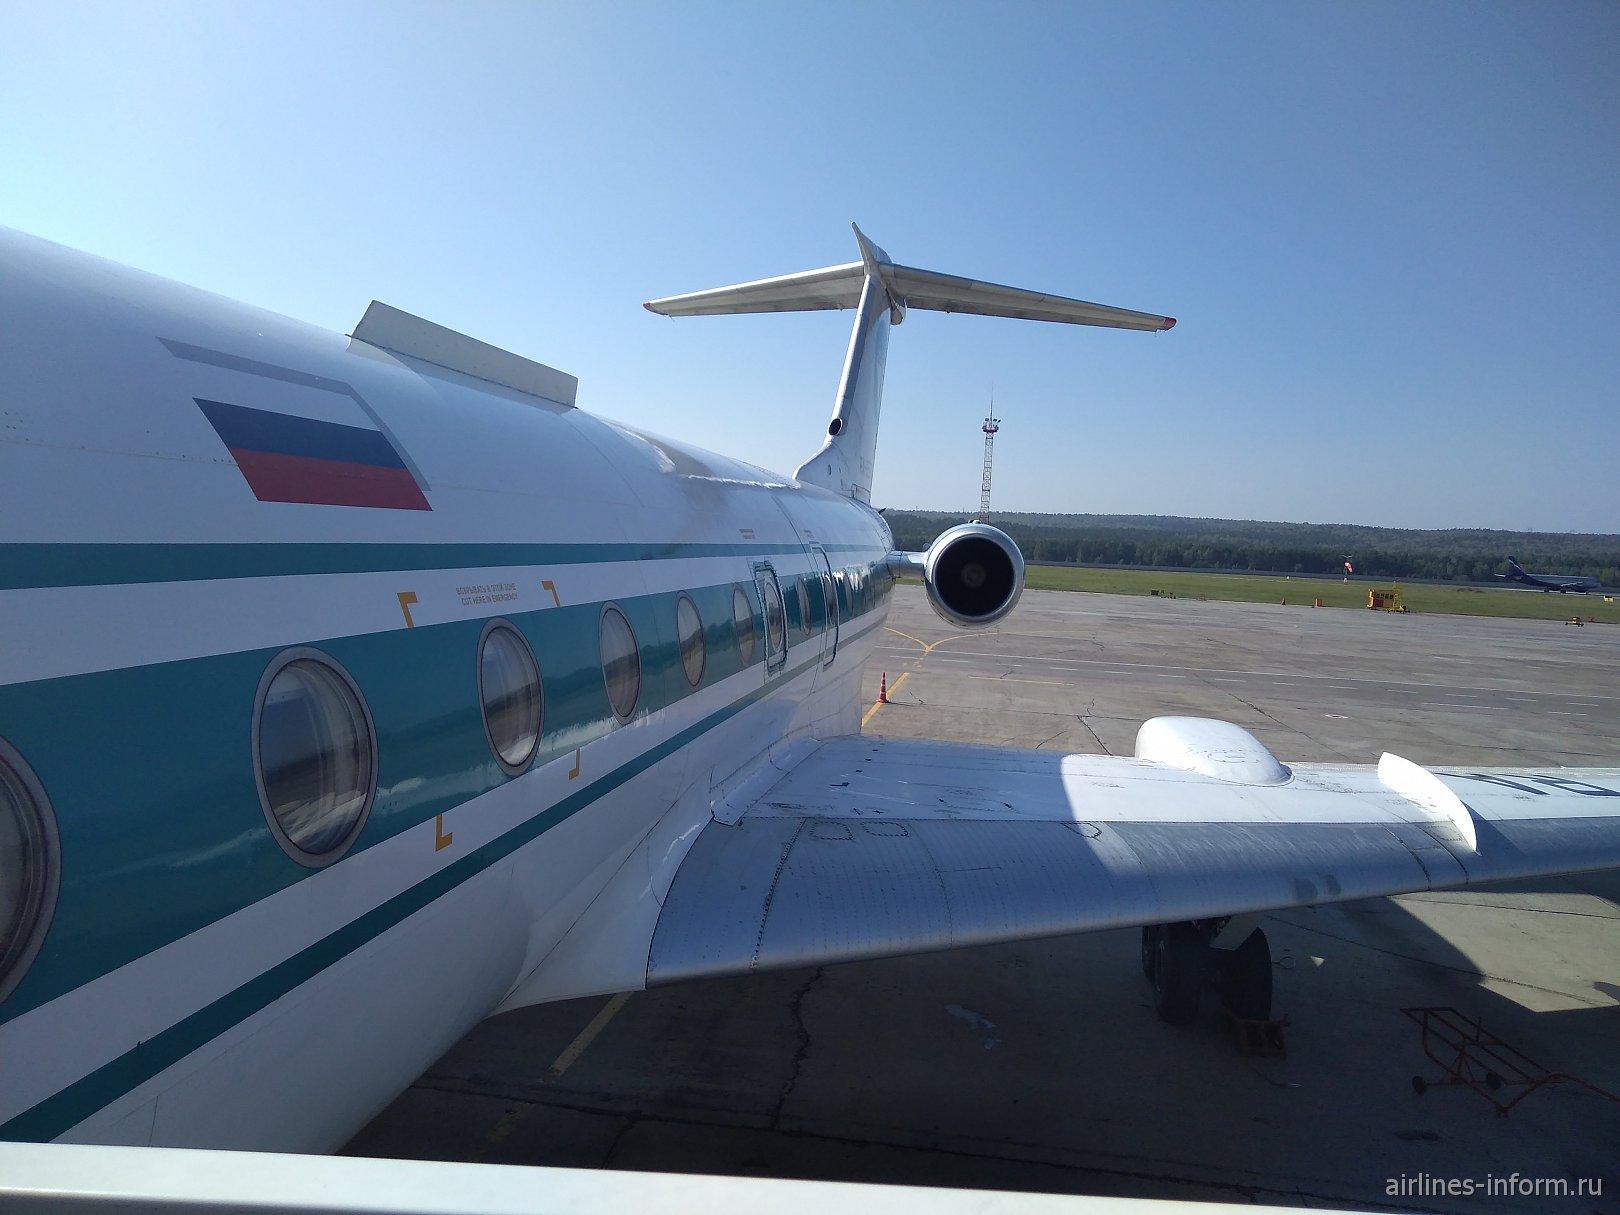 Красноярск (KJA) - Мирный (MJZ). Алроса. Ту-134Б-3.